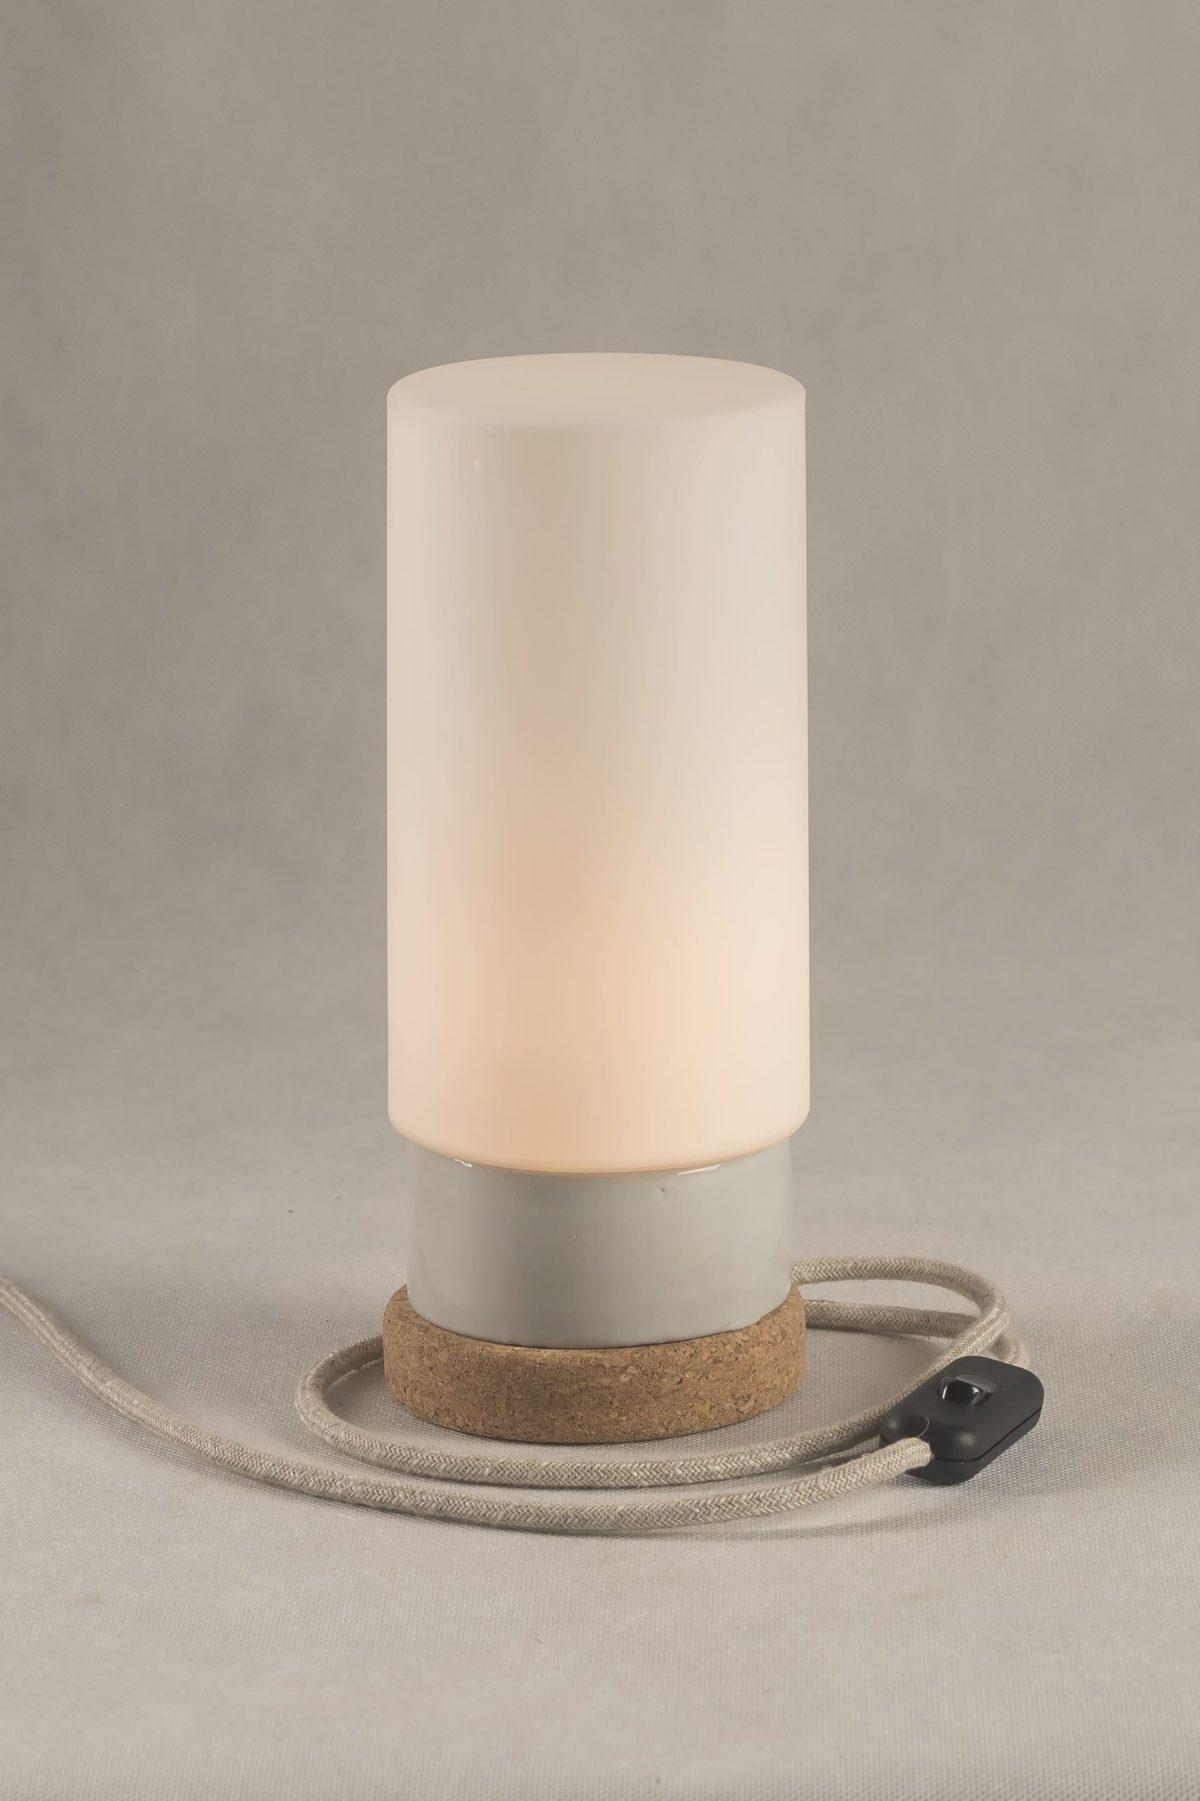 Mała stołowa lampka korkowa ze szklanym białym kloszem Cylinder 2